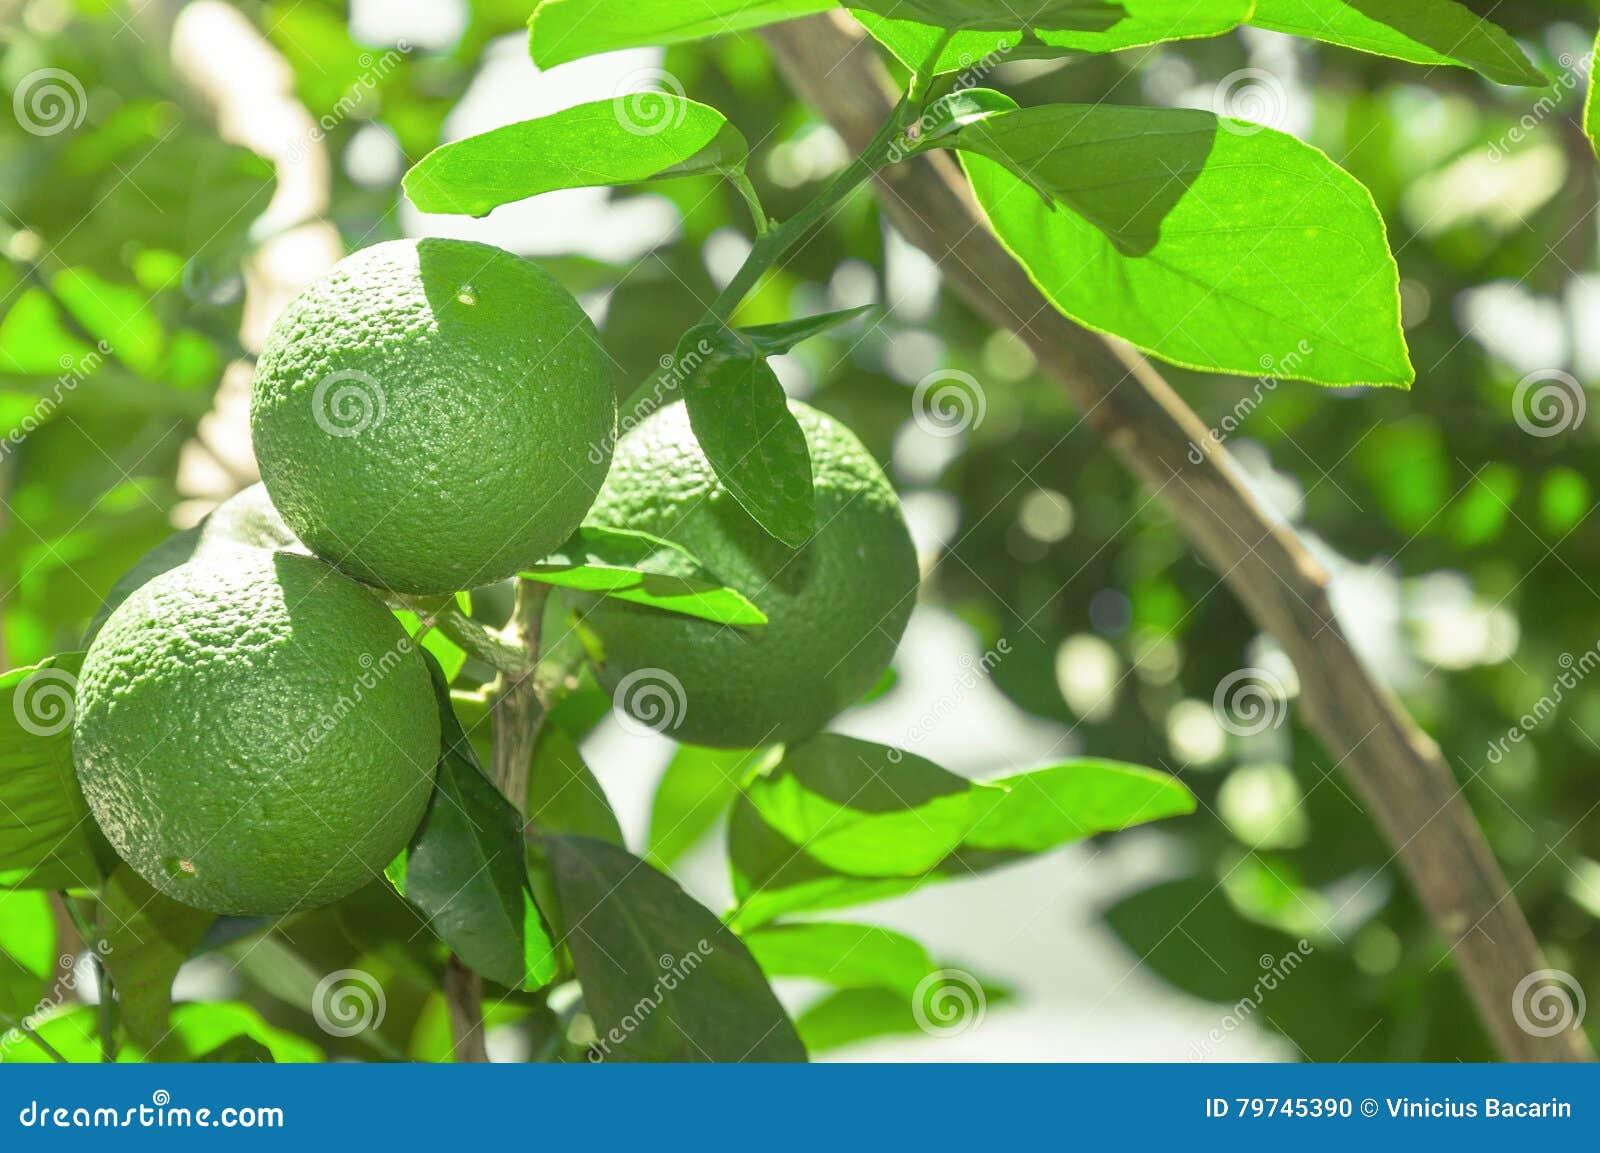 Baum mit grünem Kalk trägt mit Blättern auf dem Hintergrund Früchte Organische grüne Zitronenfrucht bereit zur Ernte